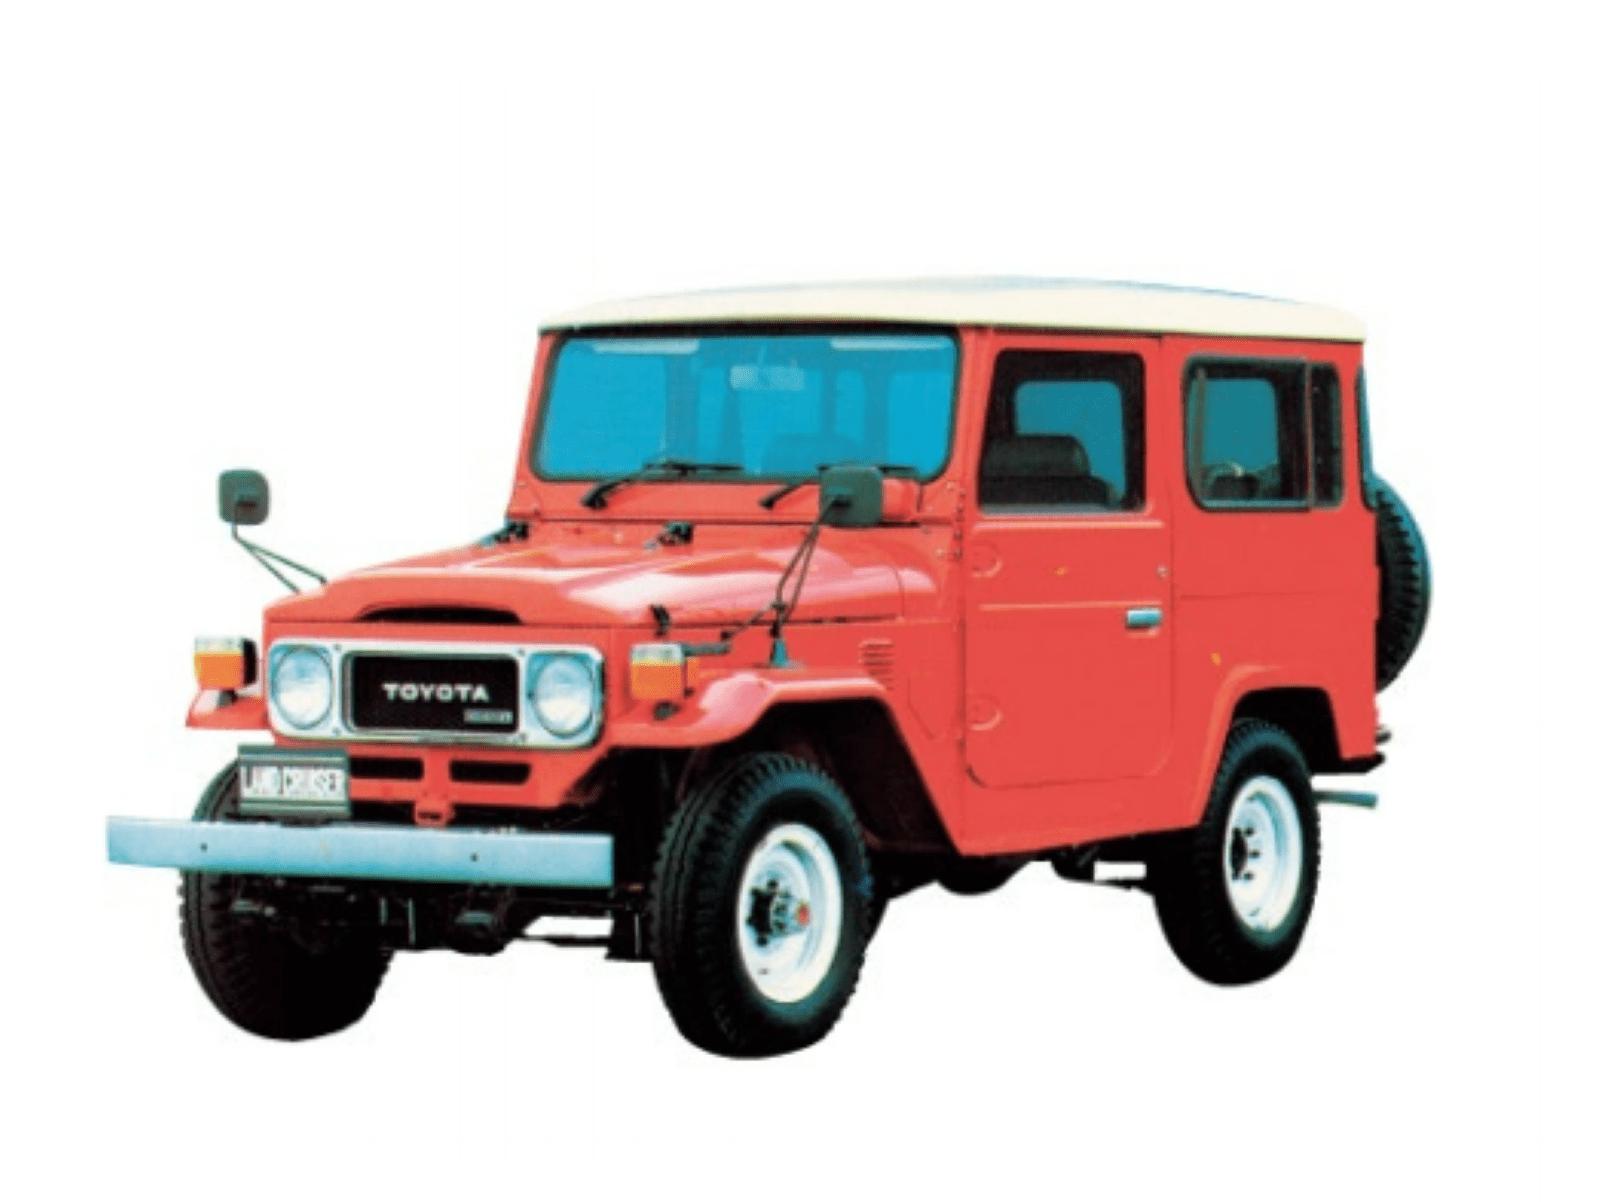 図1 トヨタ「ランドクルーザー40系」 生産は1960年から84年。(出所:トヨタ自動車)